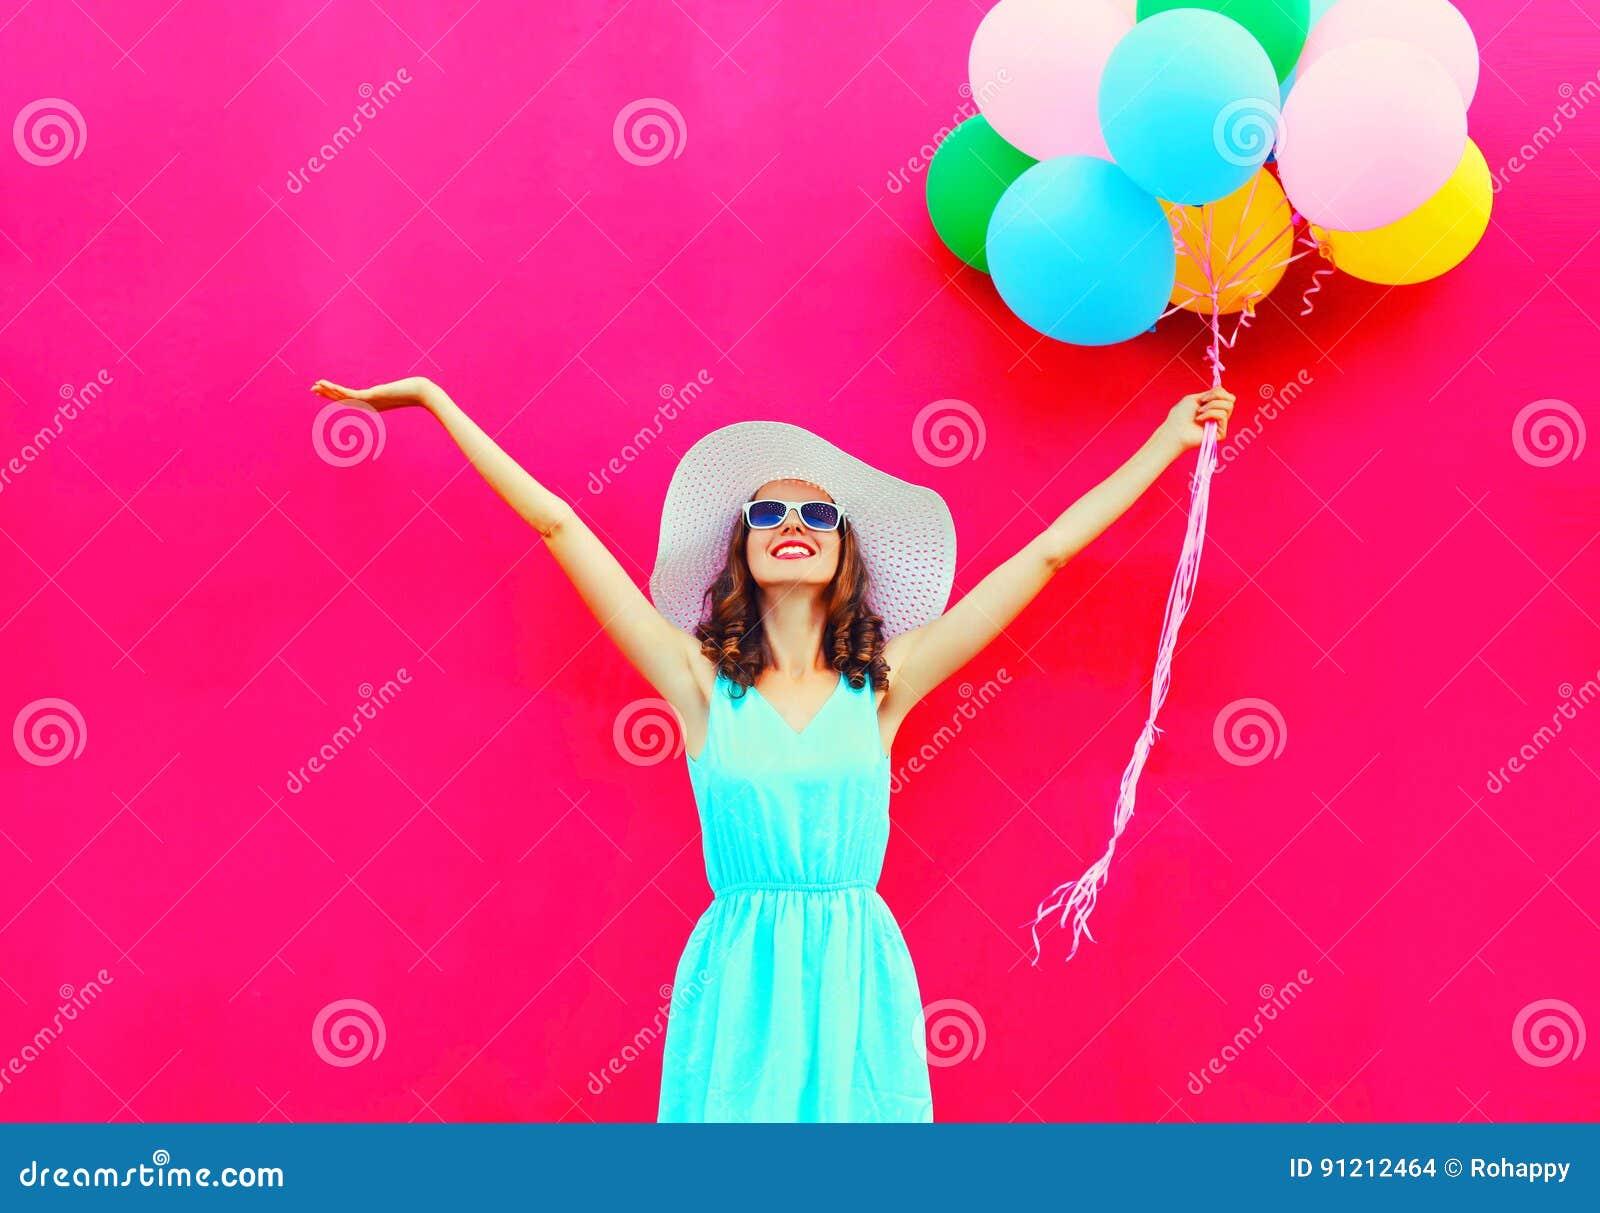 Glückliche lächelnde Frau der Mode mit bunten Ballonen einer Luft hat Spaß im Sommer über einem rosa Hintergrund